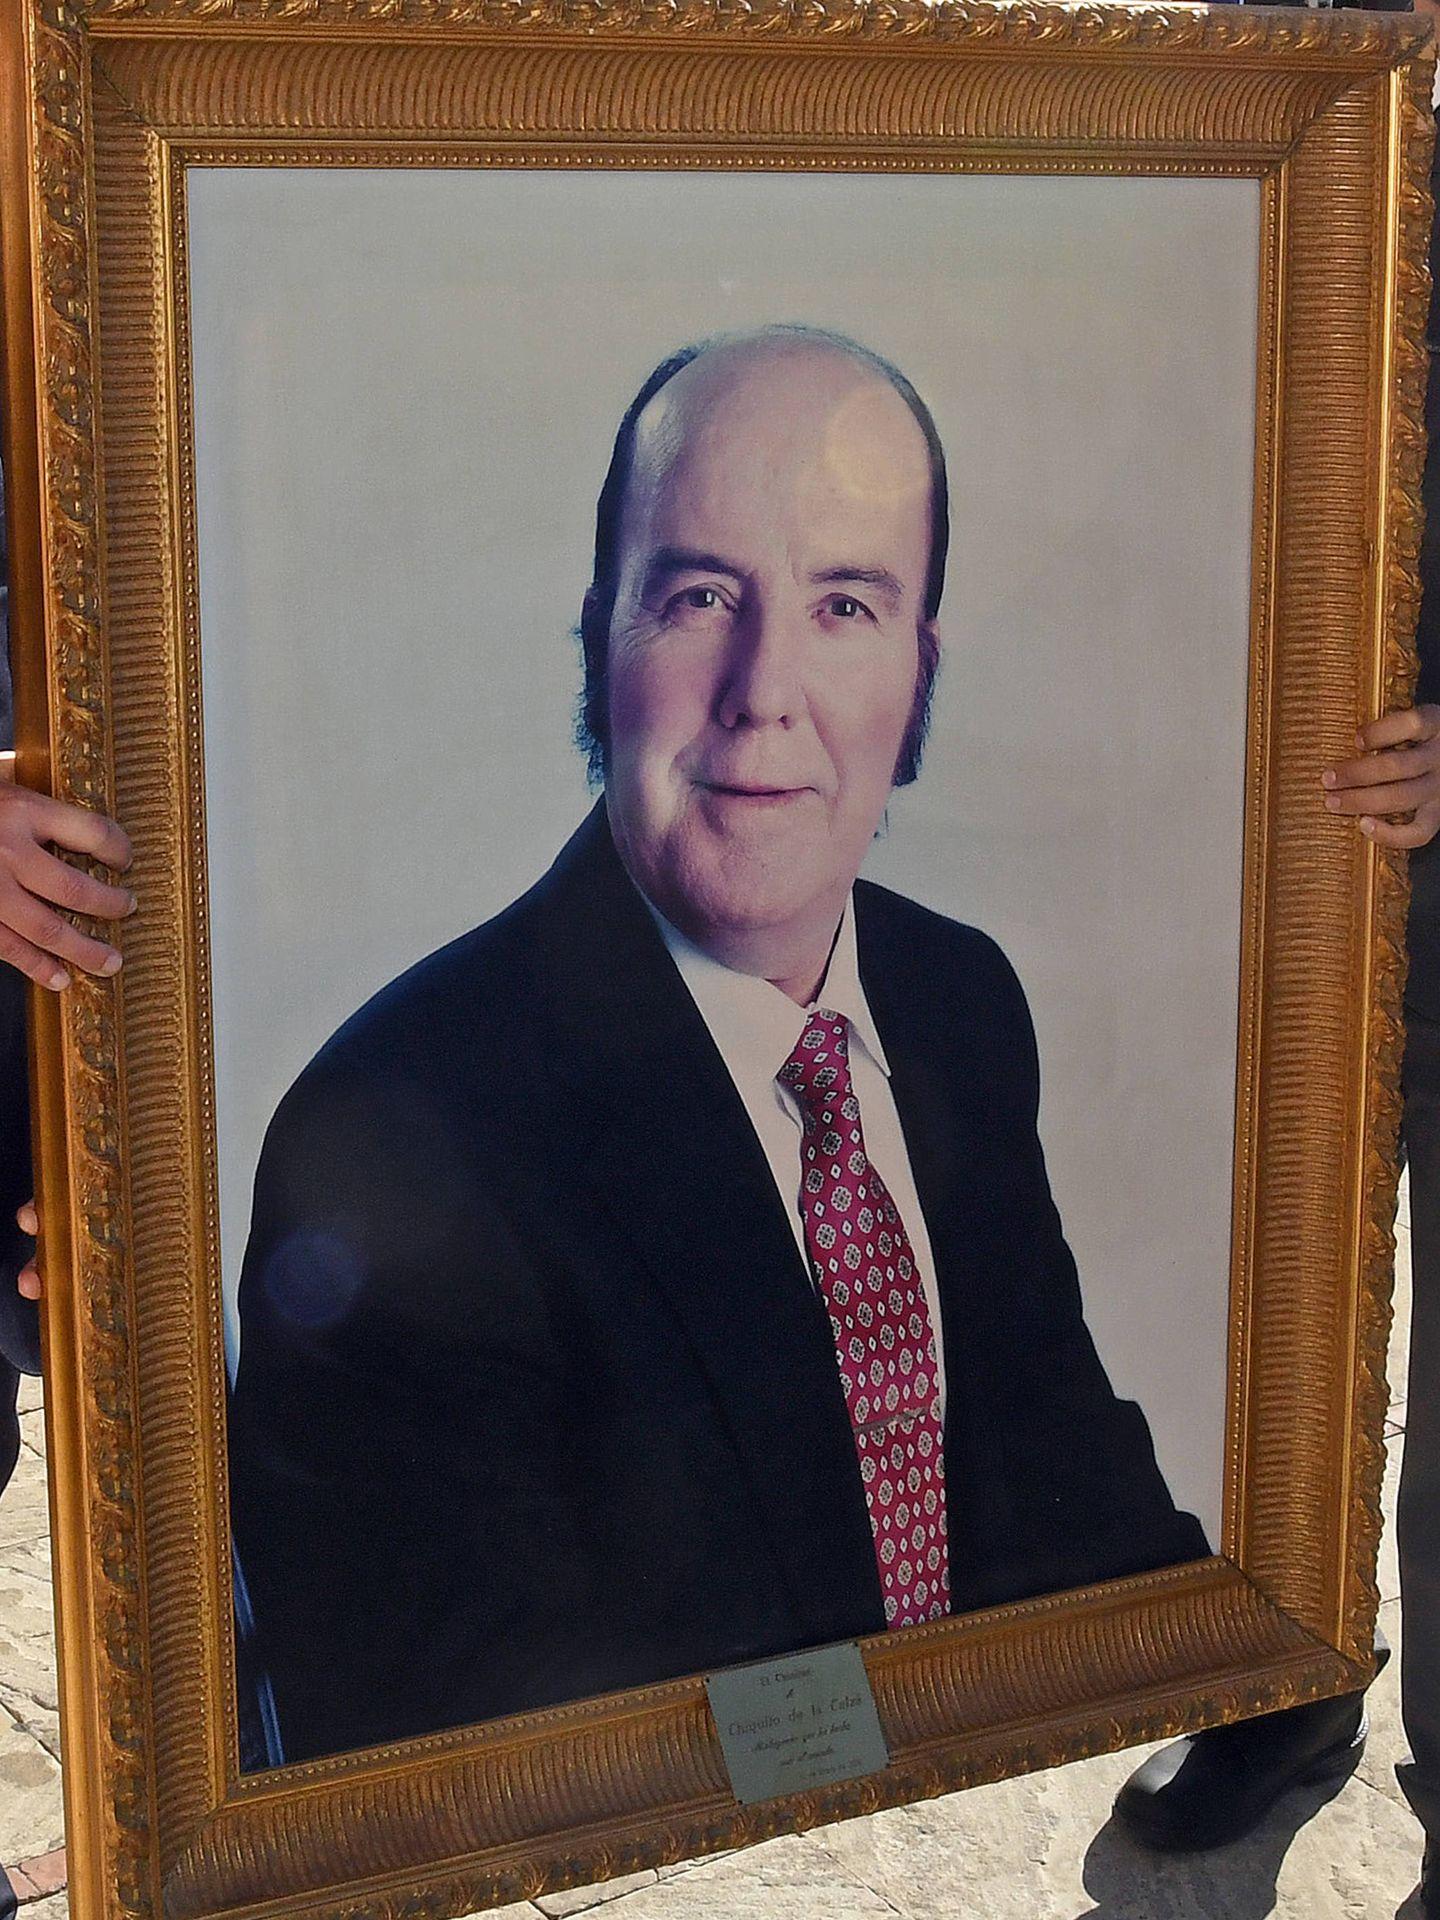 El retrato de Chiquito de la Calzada estuvo presente durante la misa.